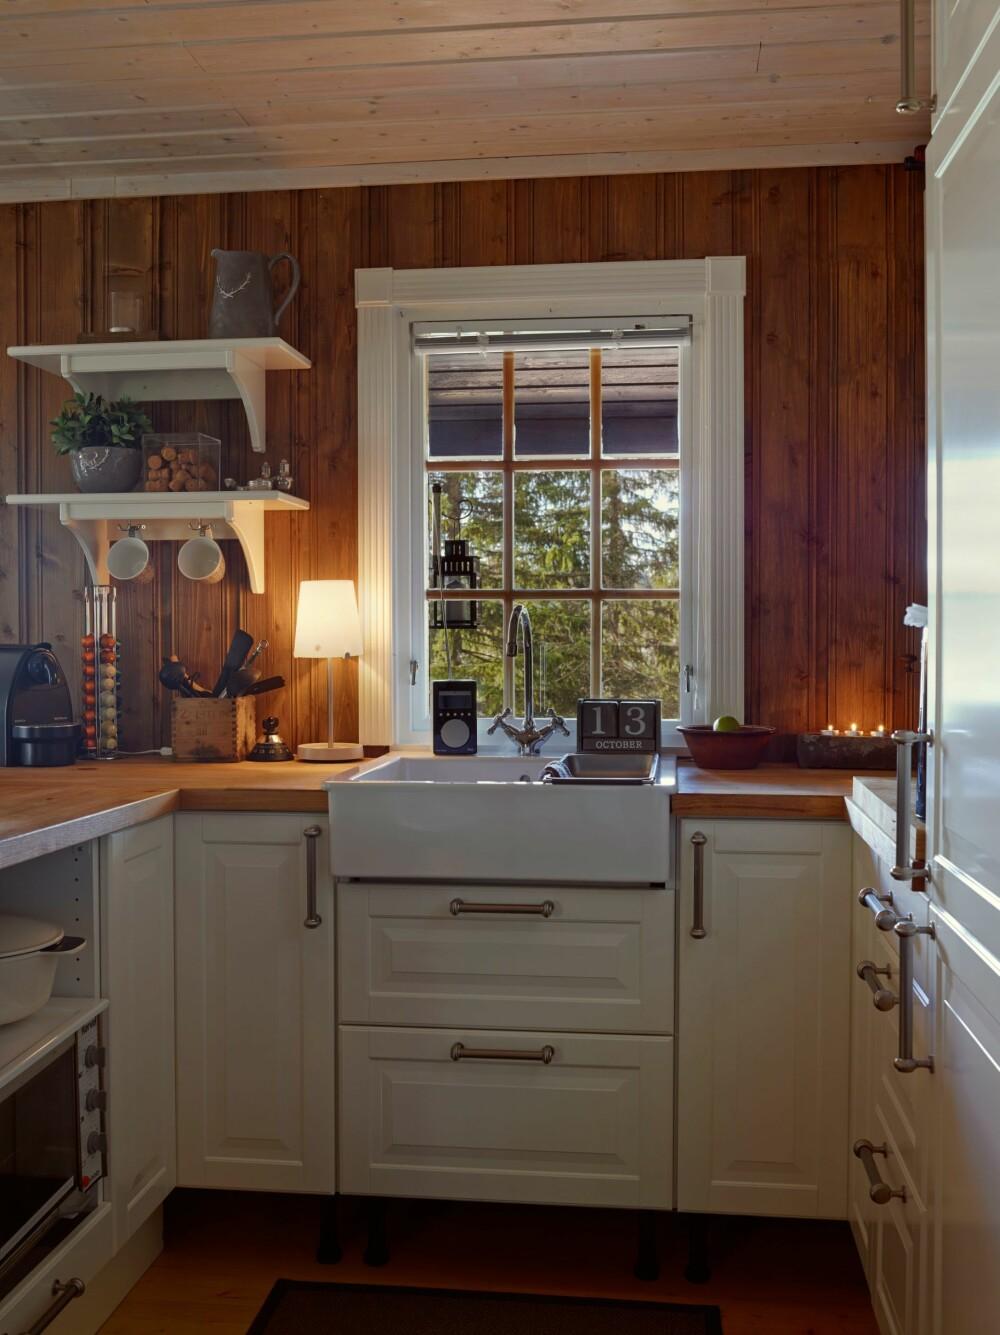 KJØKKEN: Kjøkkenet er det eneste de kjøpte nytt. Det er fra Ikea.